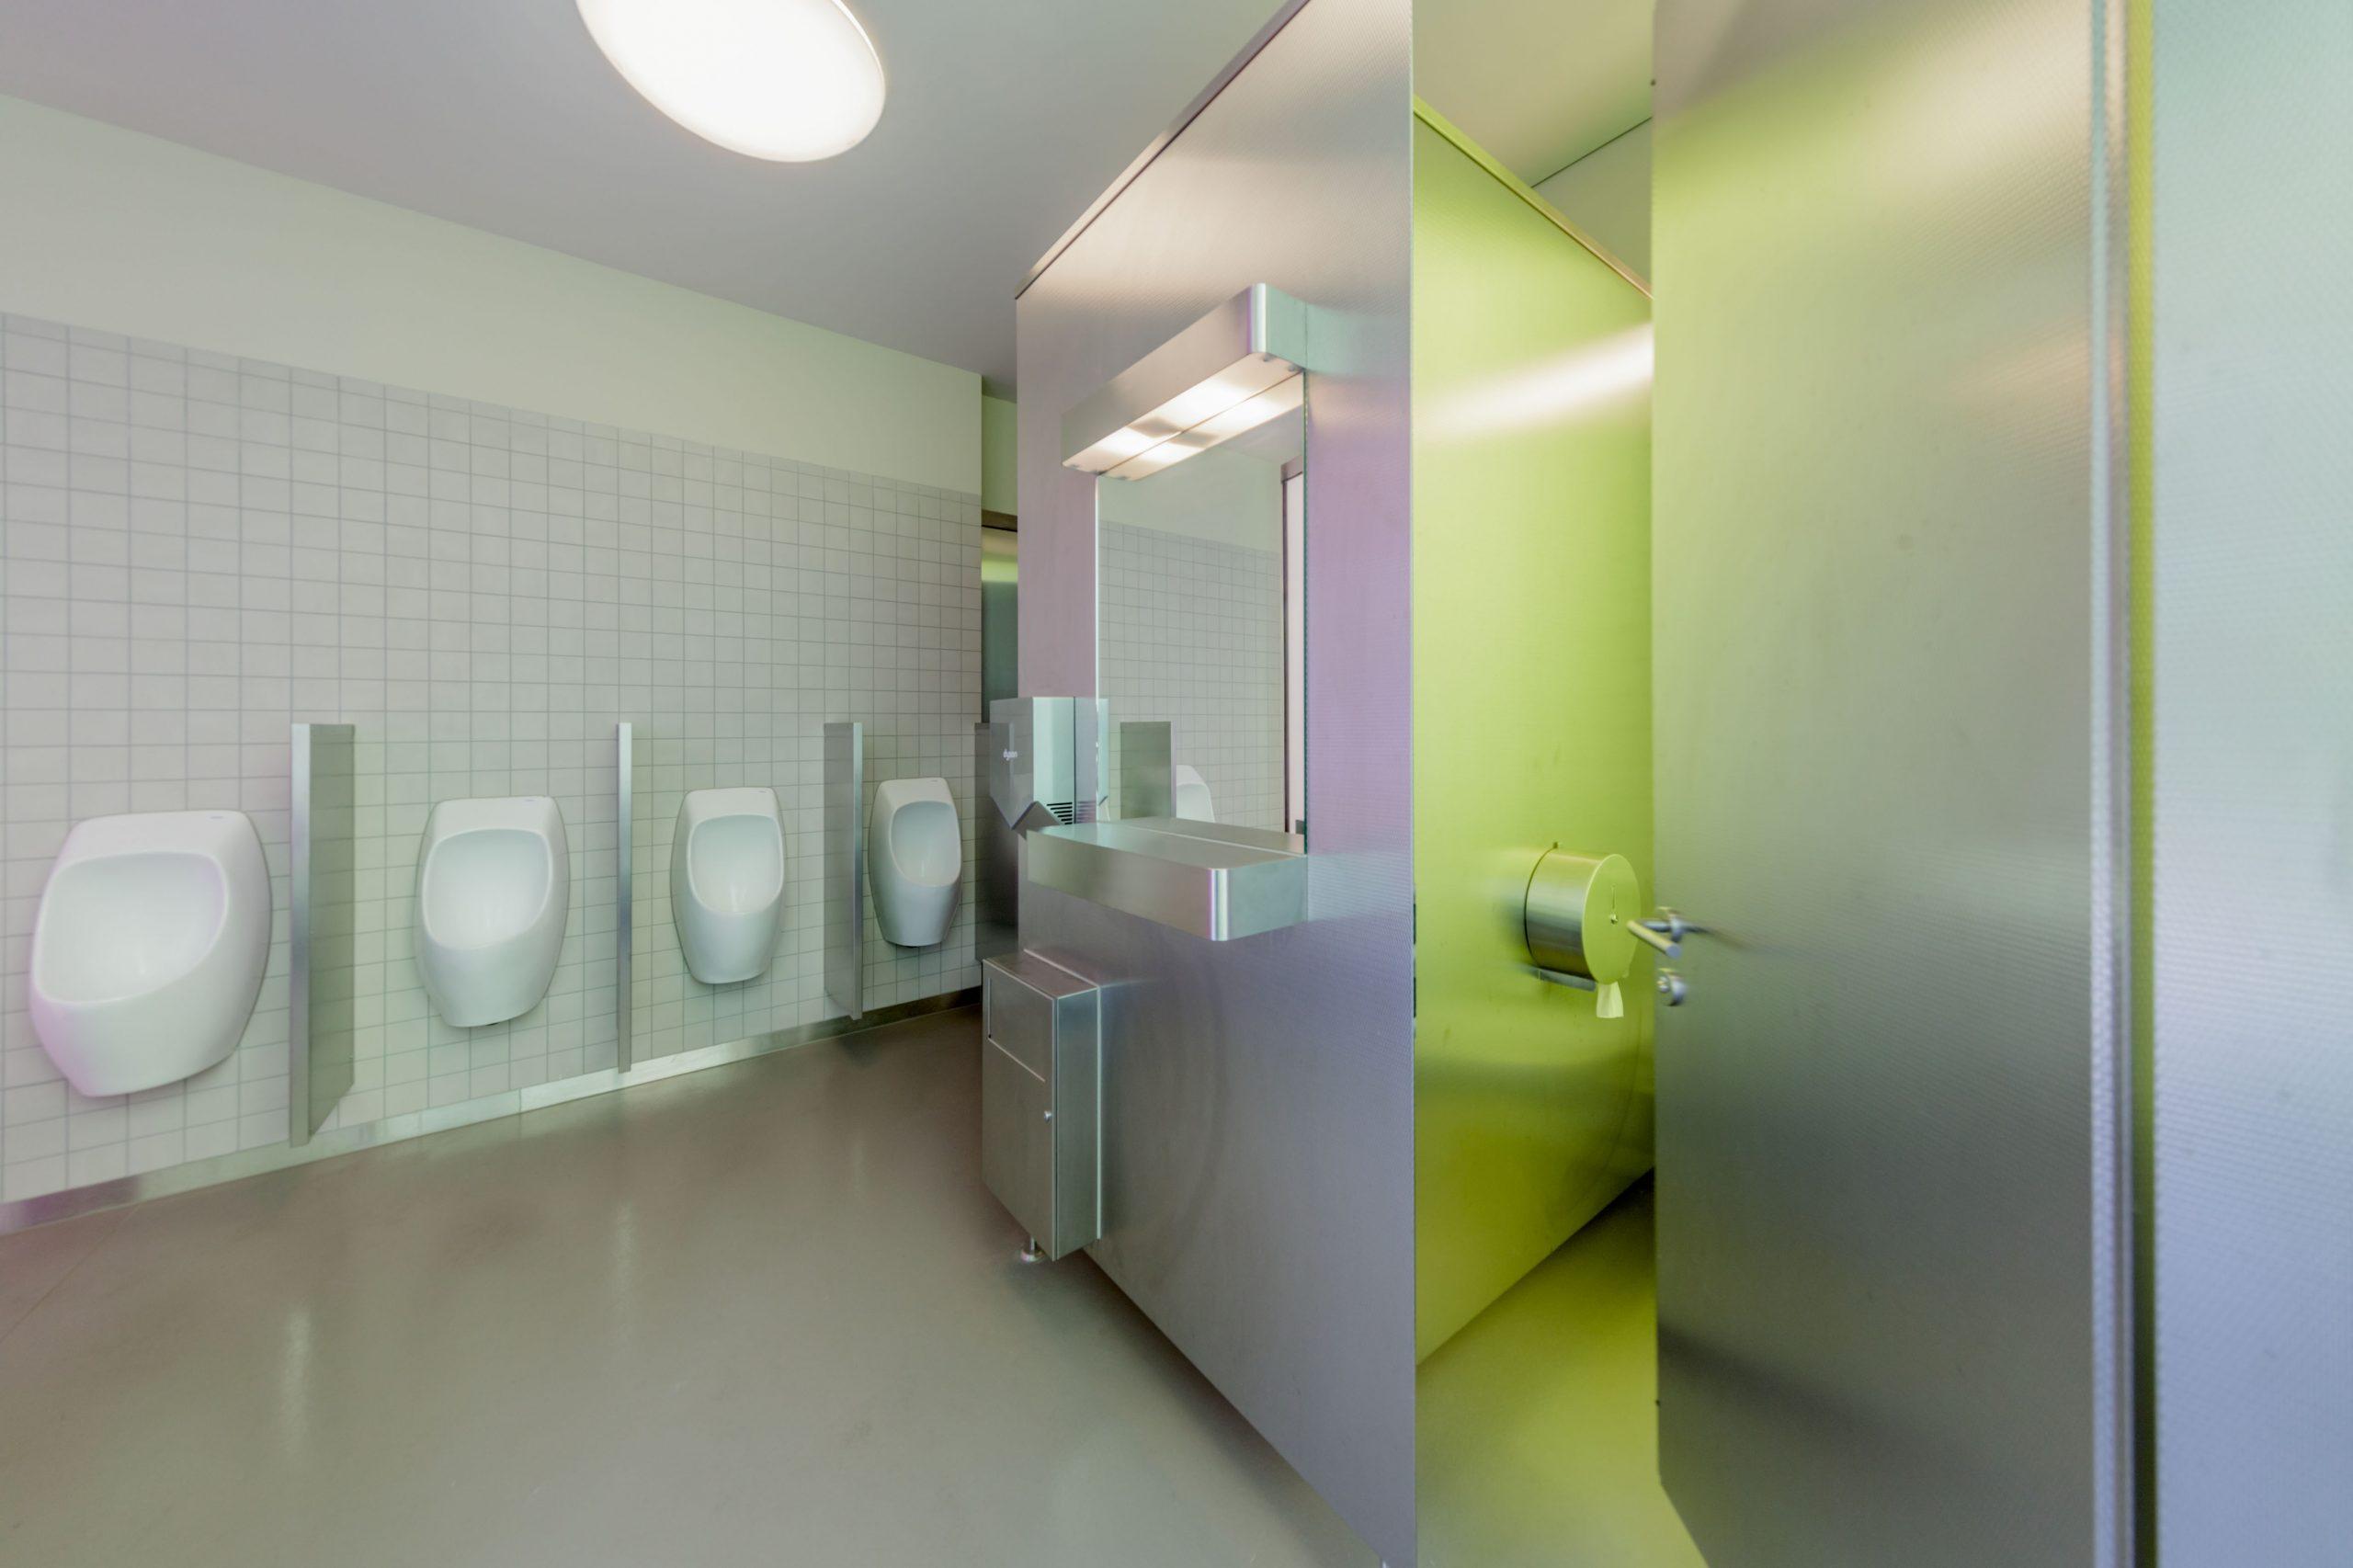 Trennwandsystem im Sanitärbereich